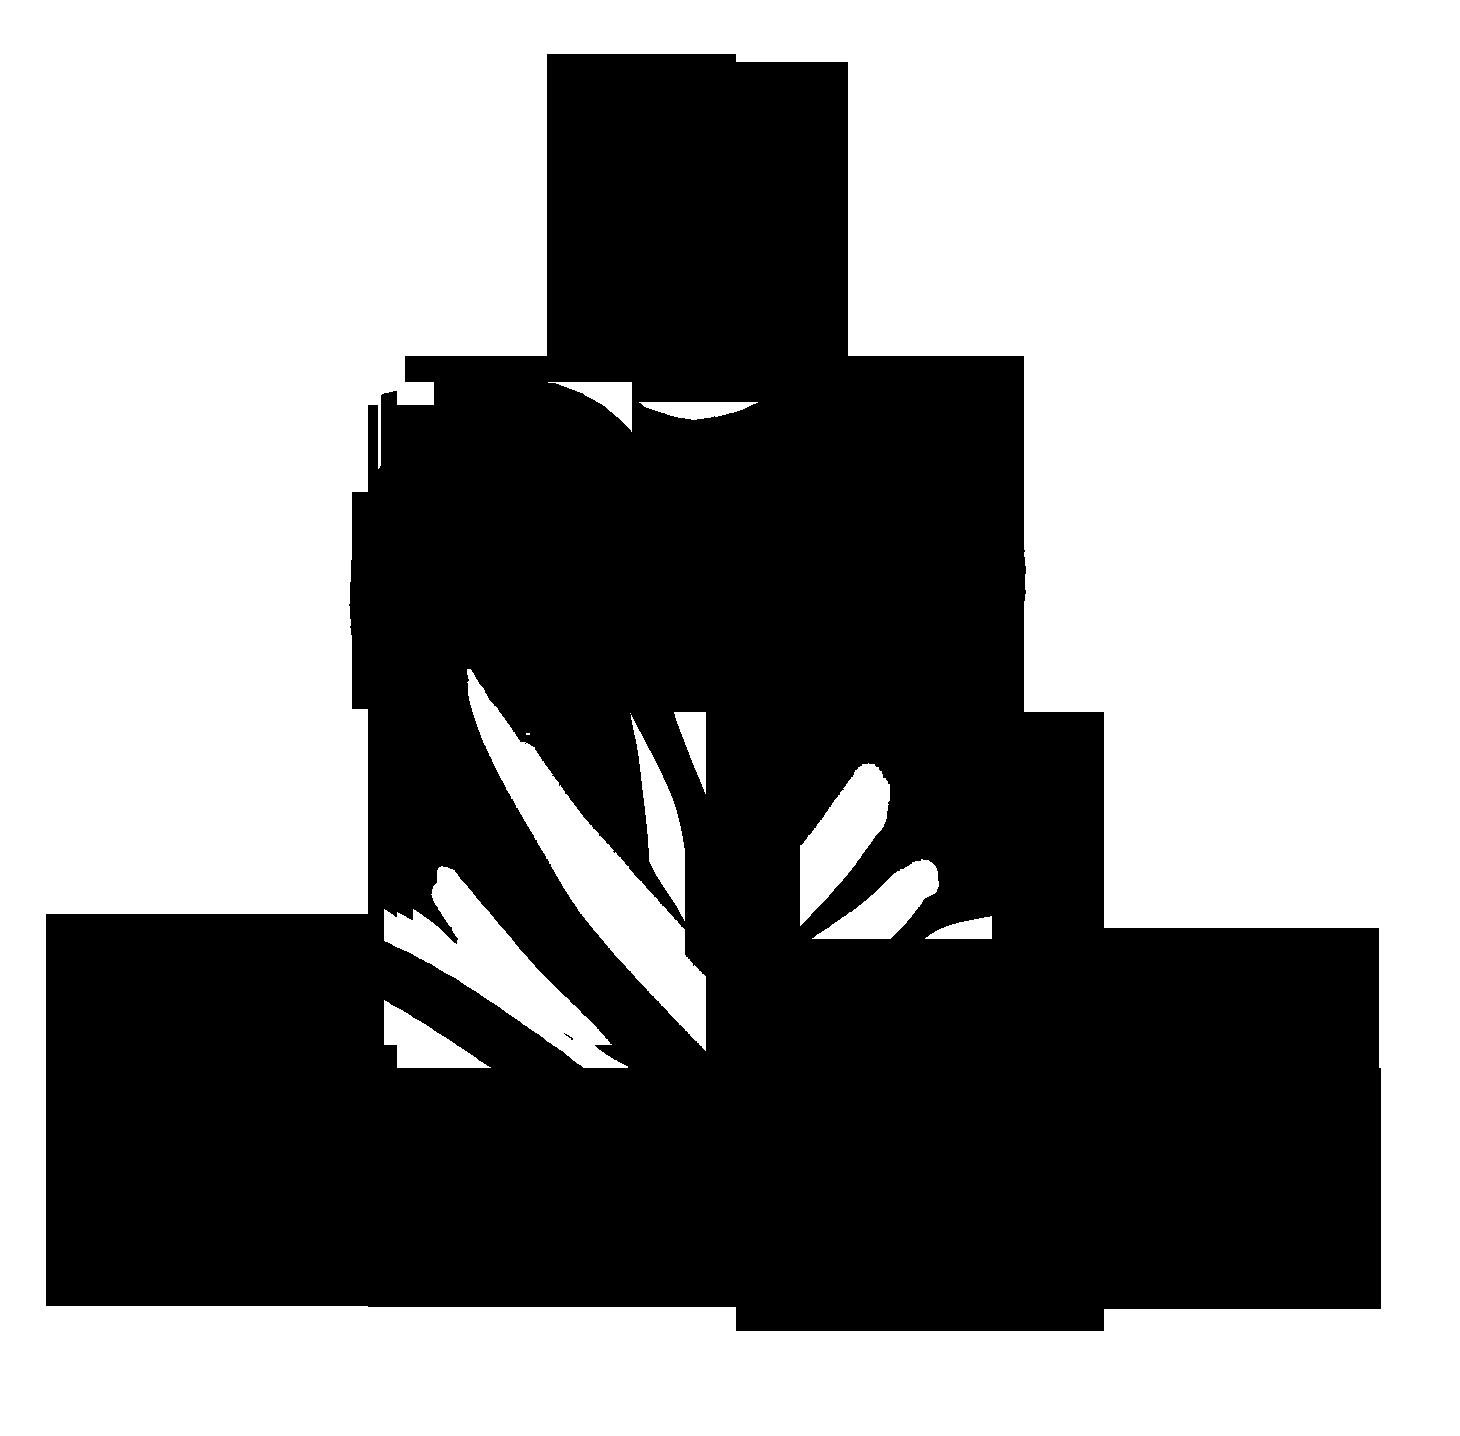 Black logo on transparent background. PNG file. Smaller Size.